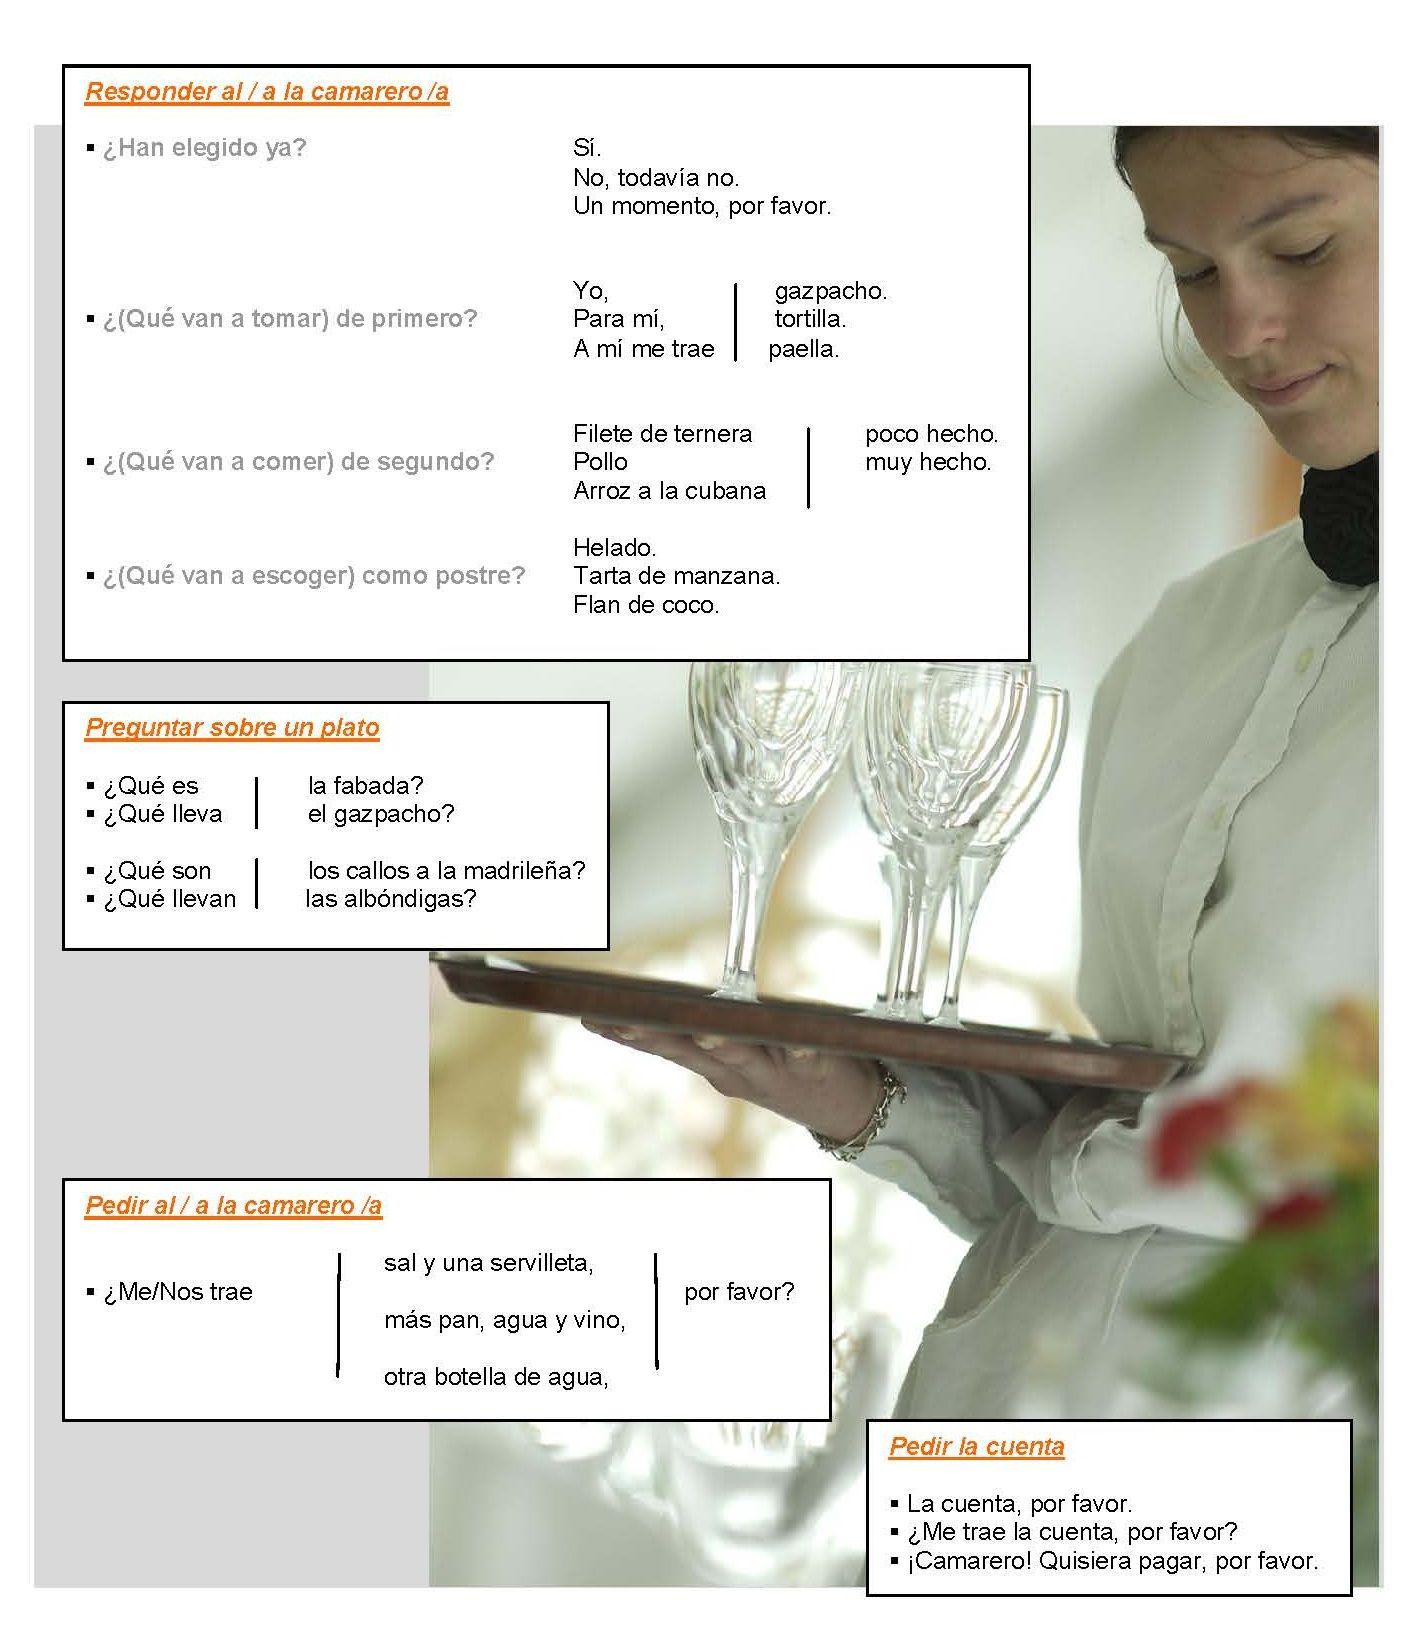 Espanol Practico Es La Seccion De Habla Para Practicar